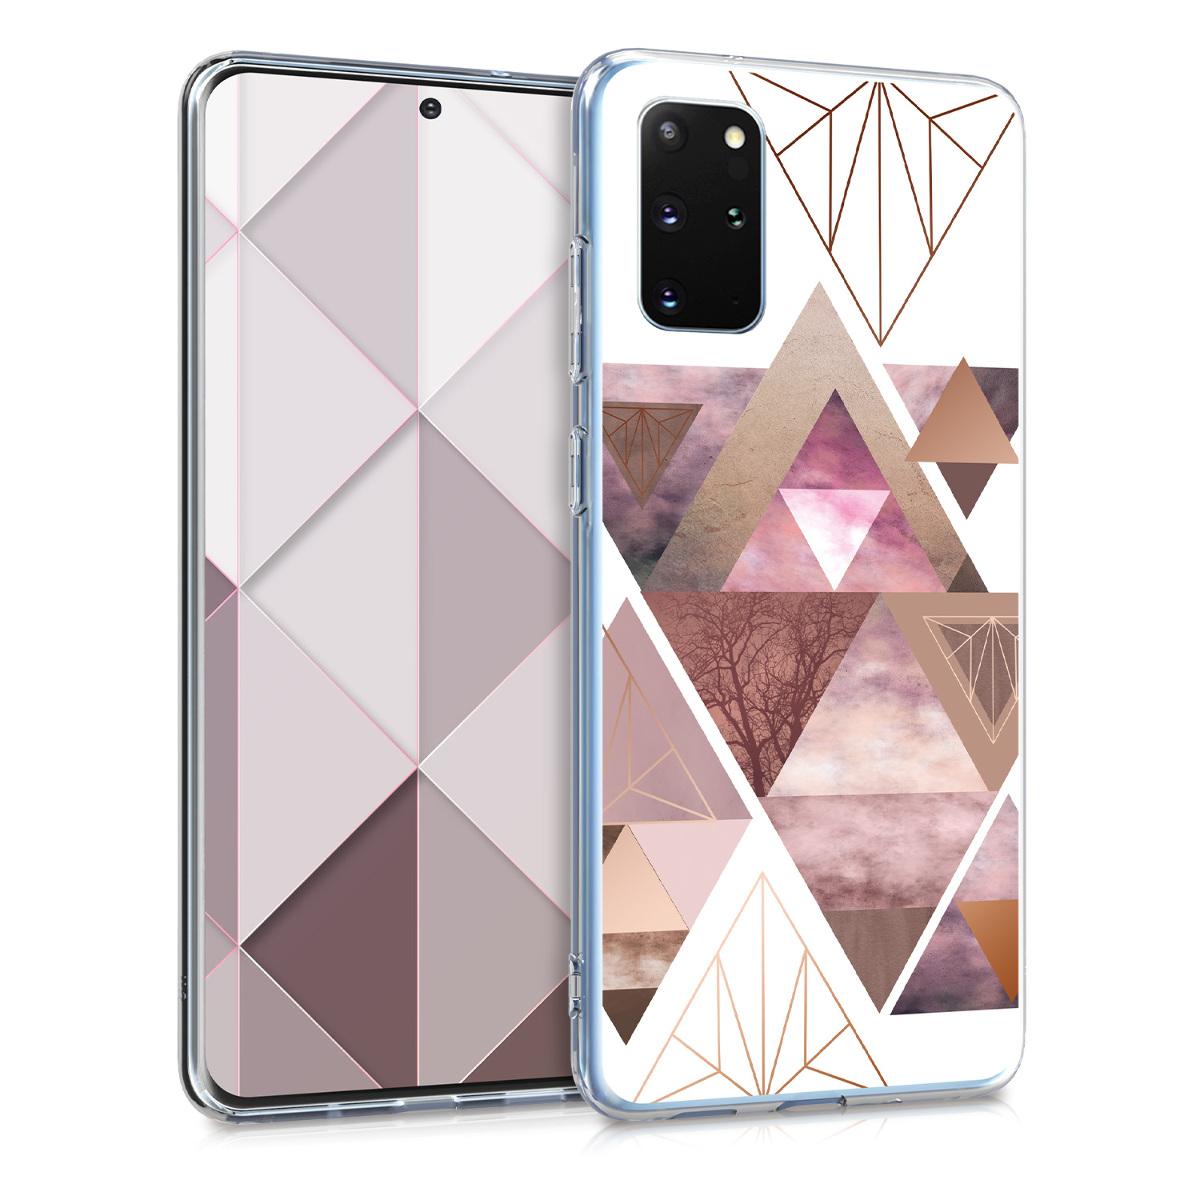 Růžové silikonové pouzdro / obal s motivem trojůhelníků  pro Samsung S20 Plus